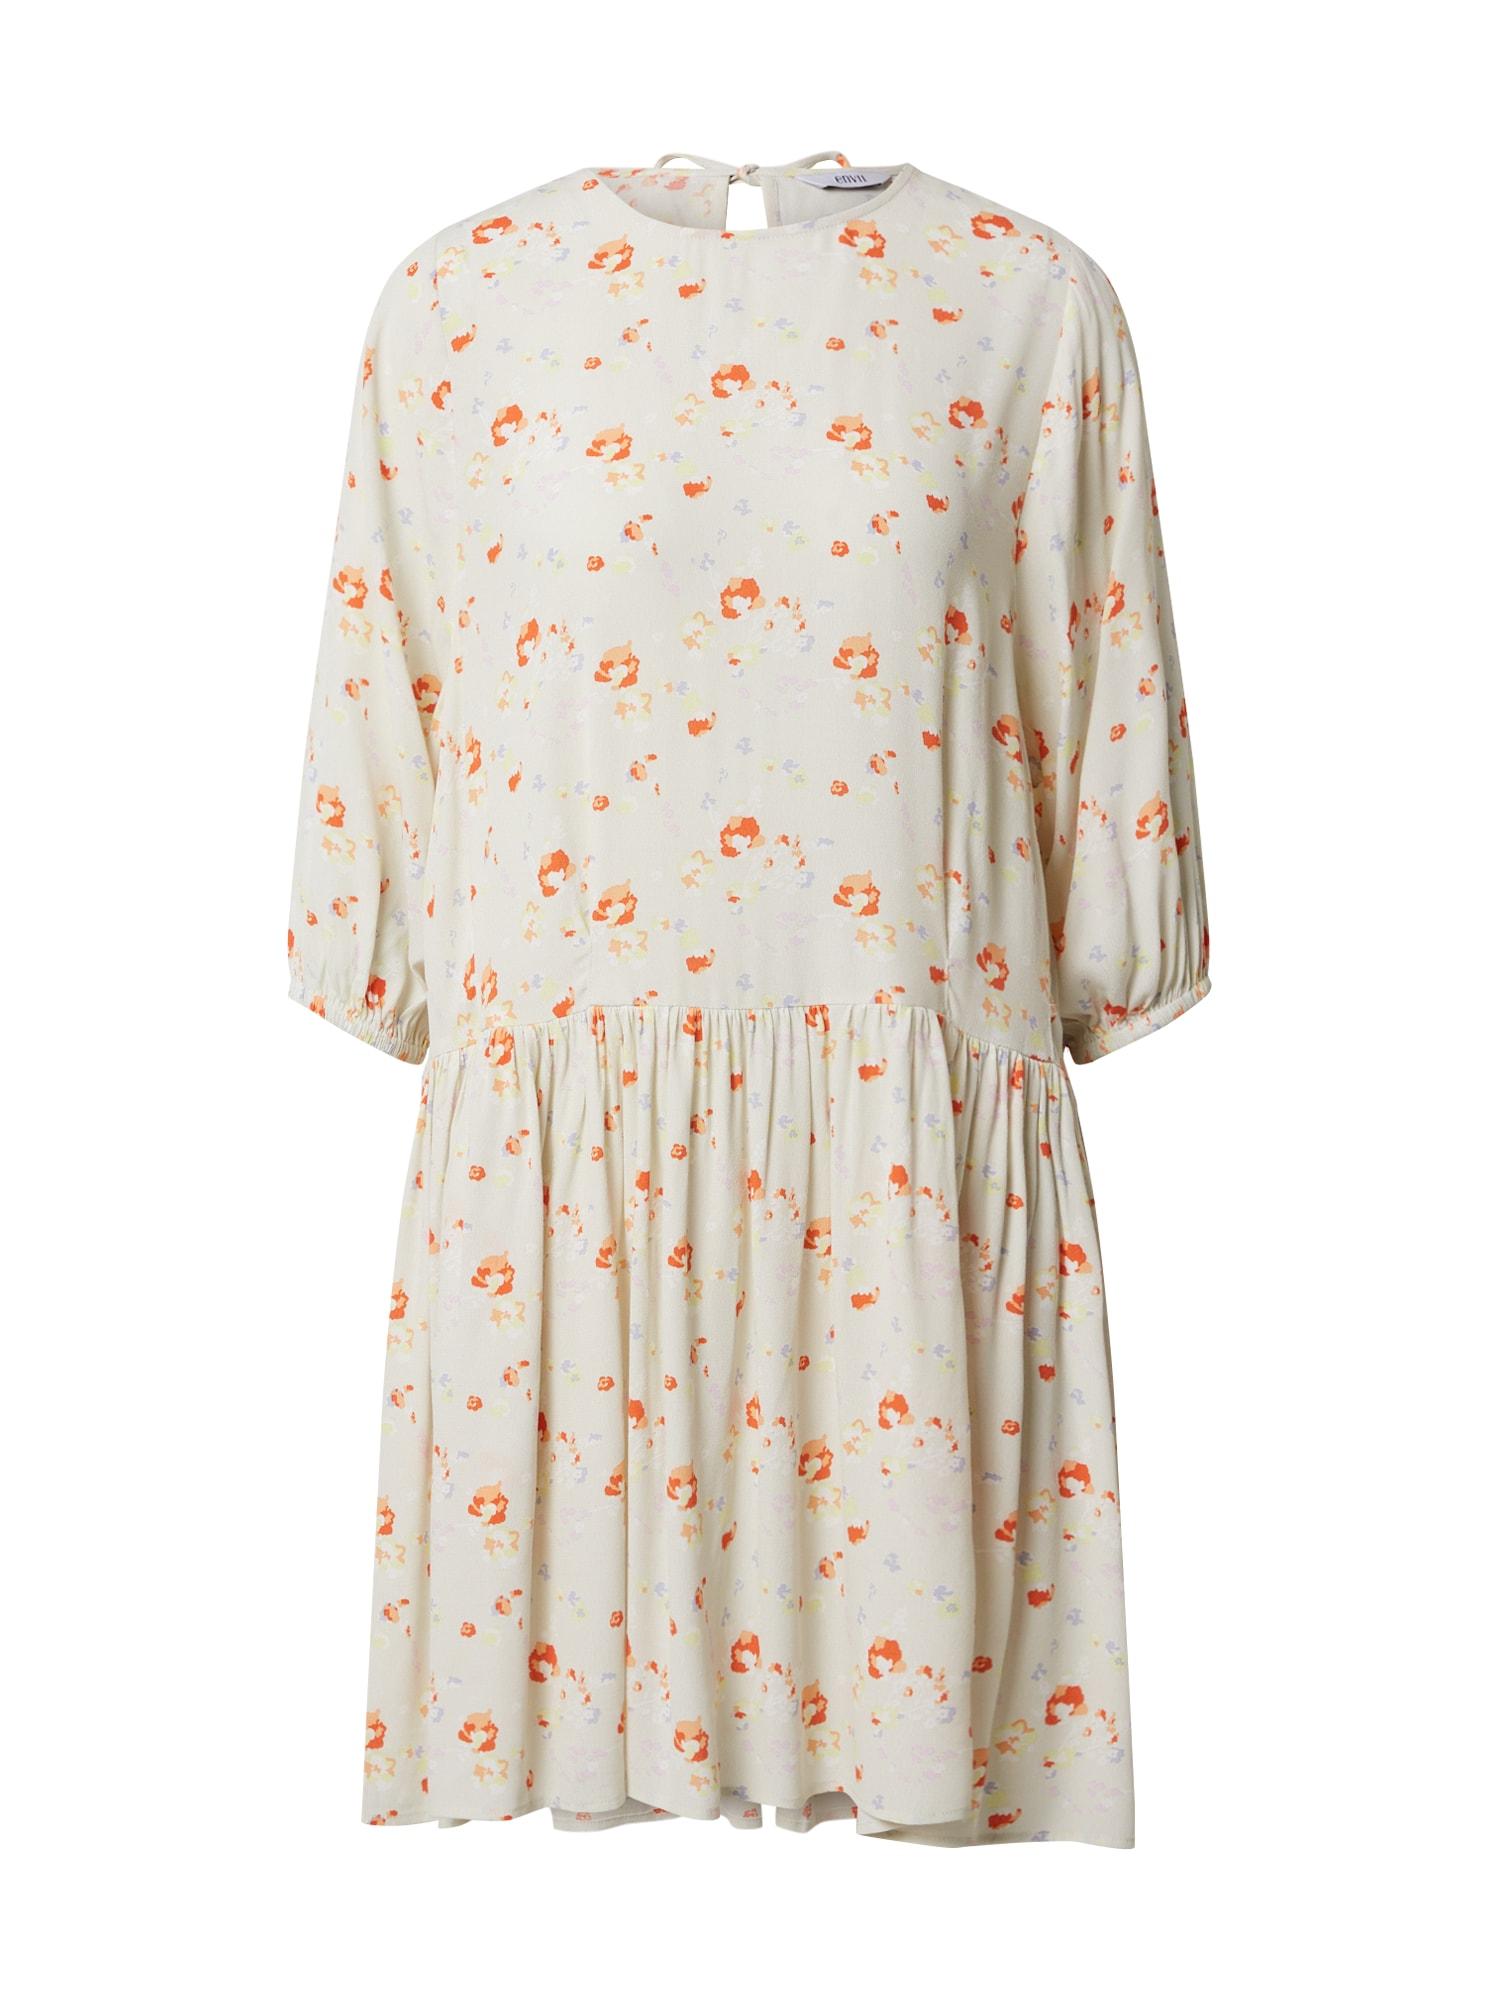 Envii Vasarinė suknelė natūrali balta / persikų spalva